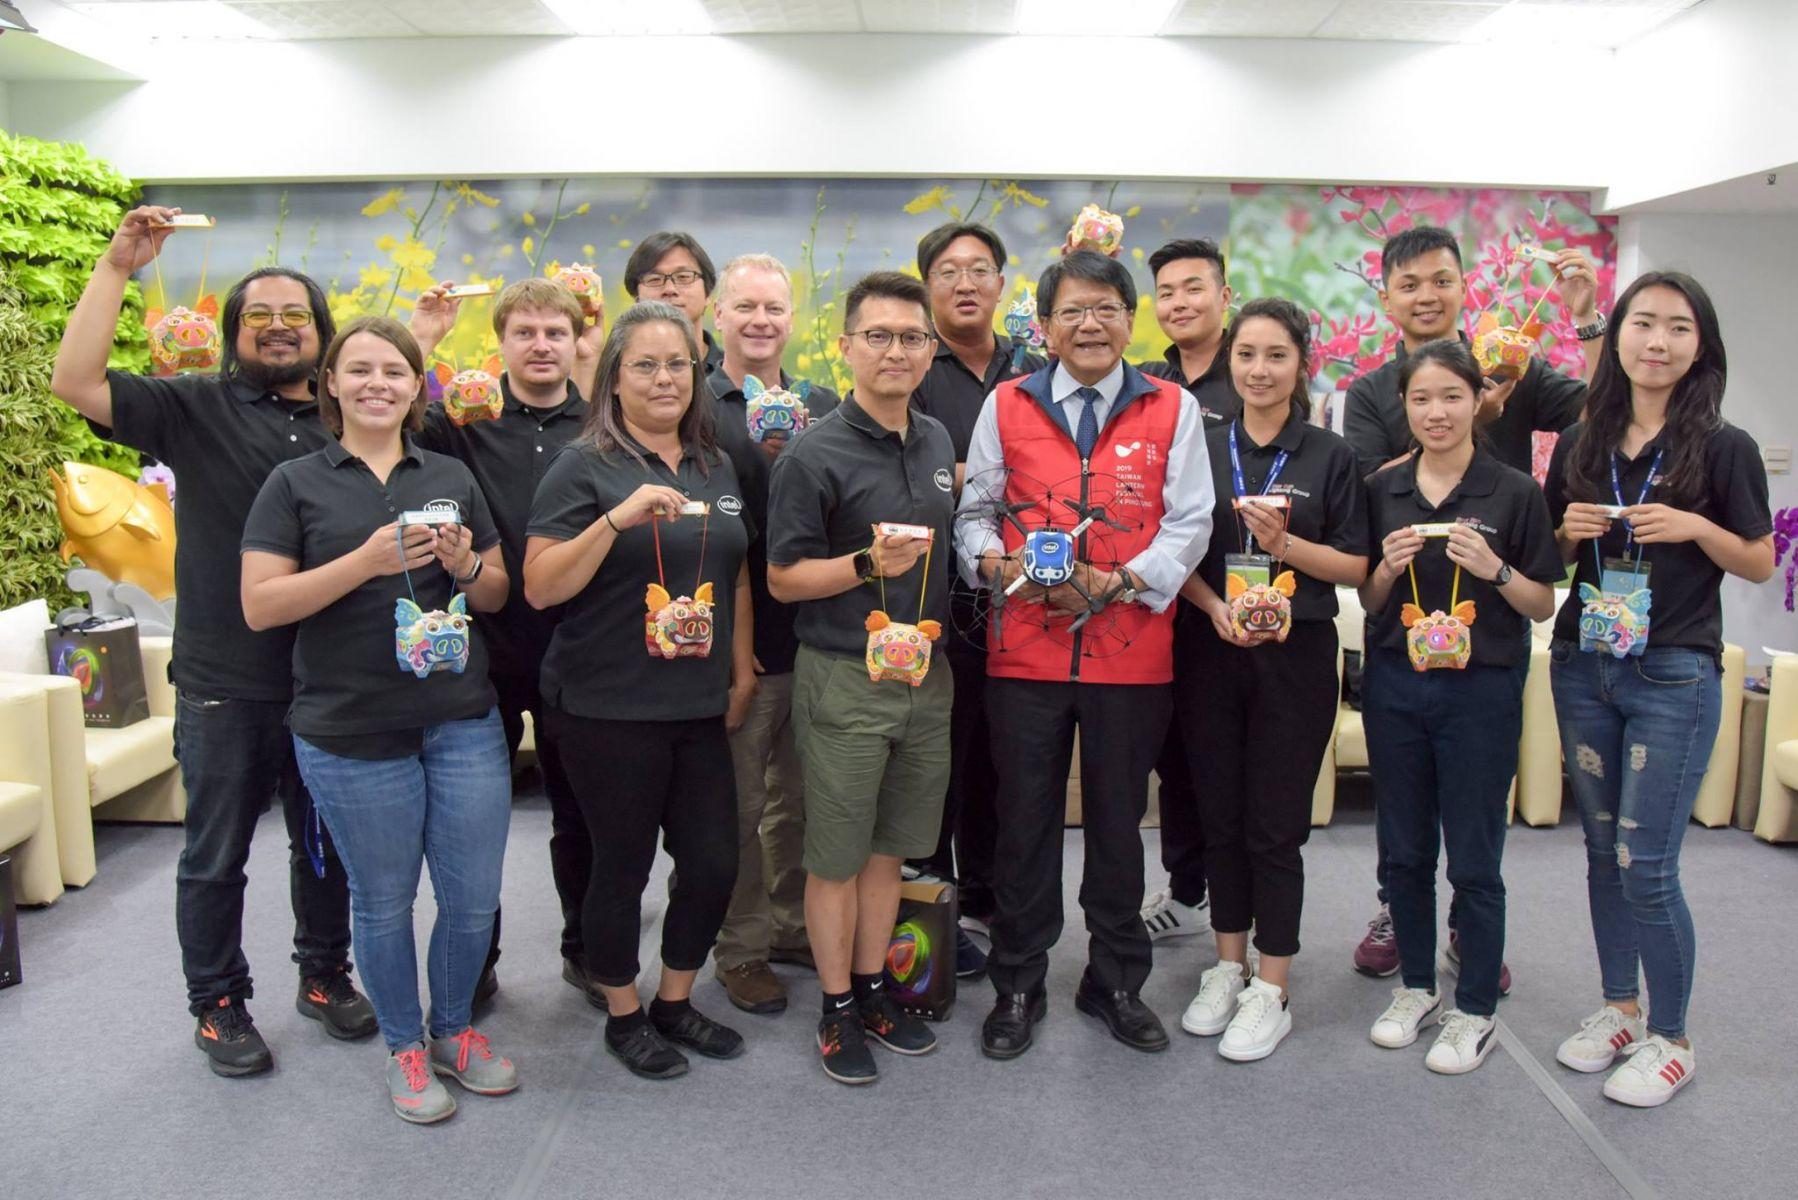 潘孟安感謝intel無人機燈光秀團隊帶來精采演出。